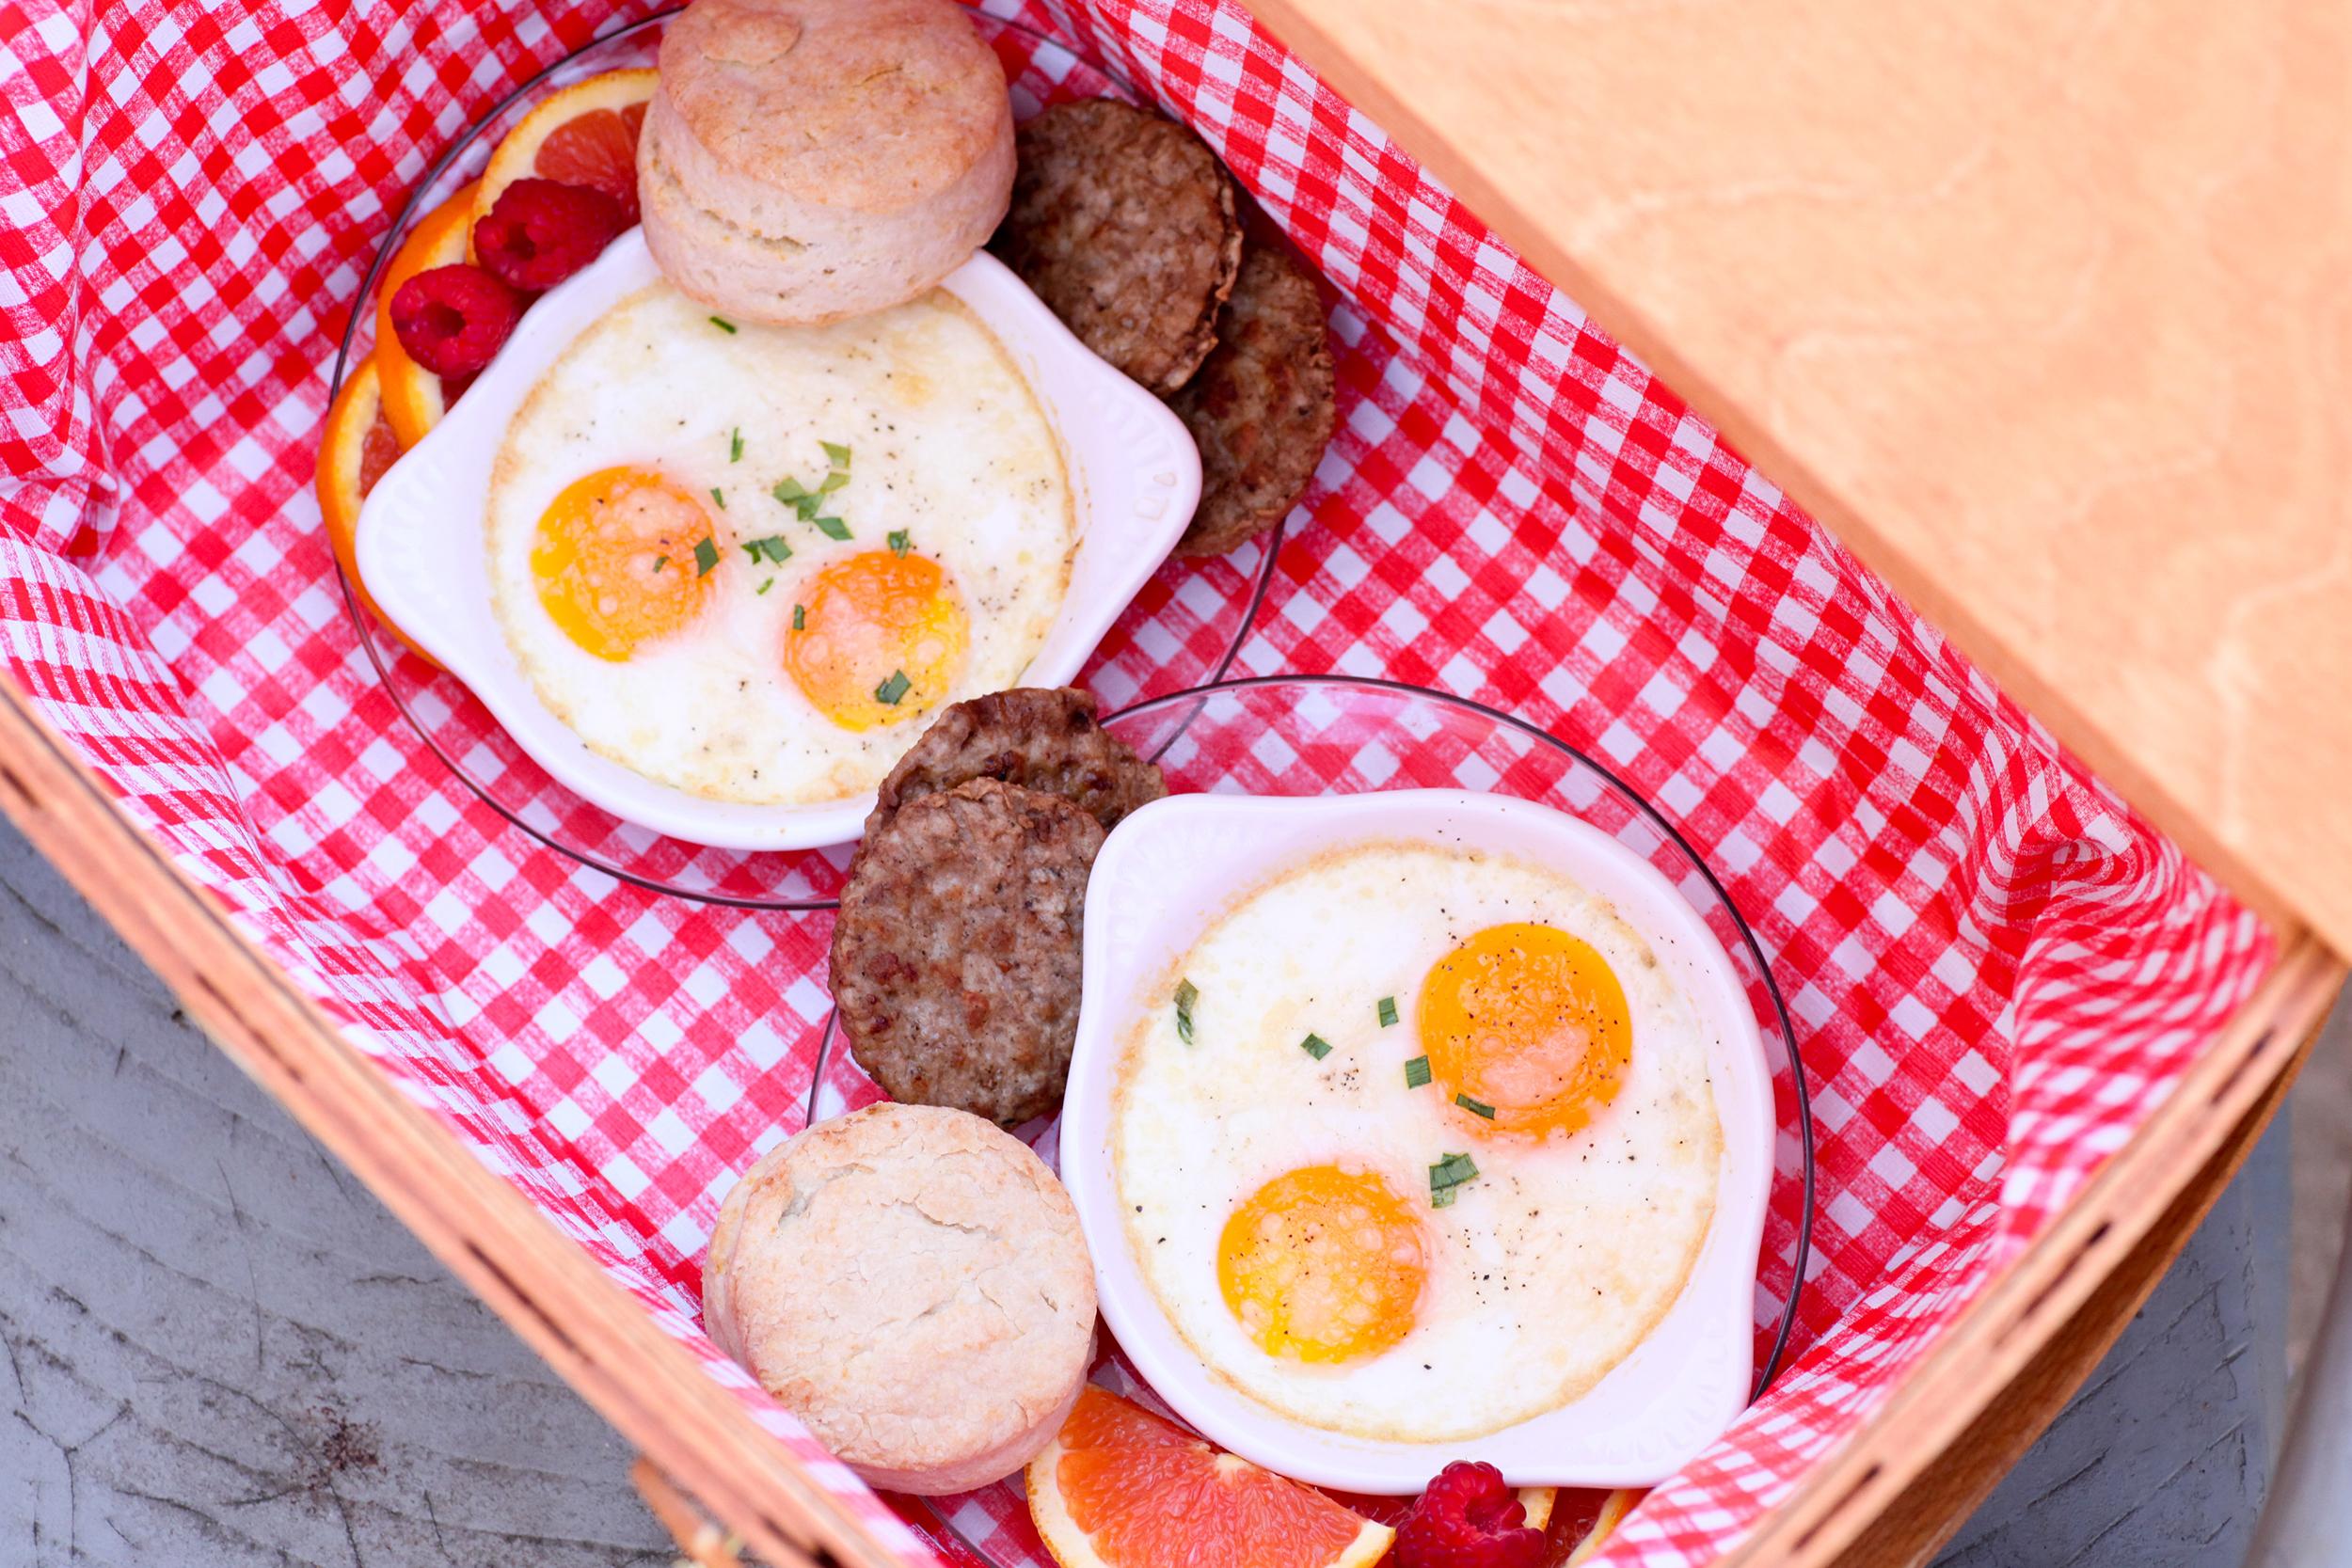 Main Photo Weekly Breakfast Menu- Sheered Eggs in Basket.jpg